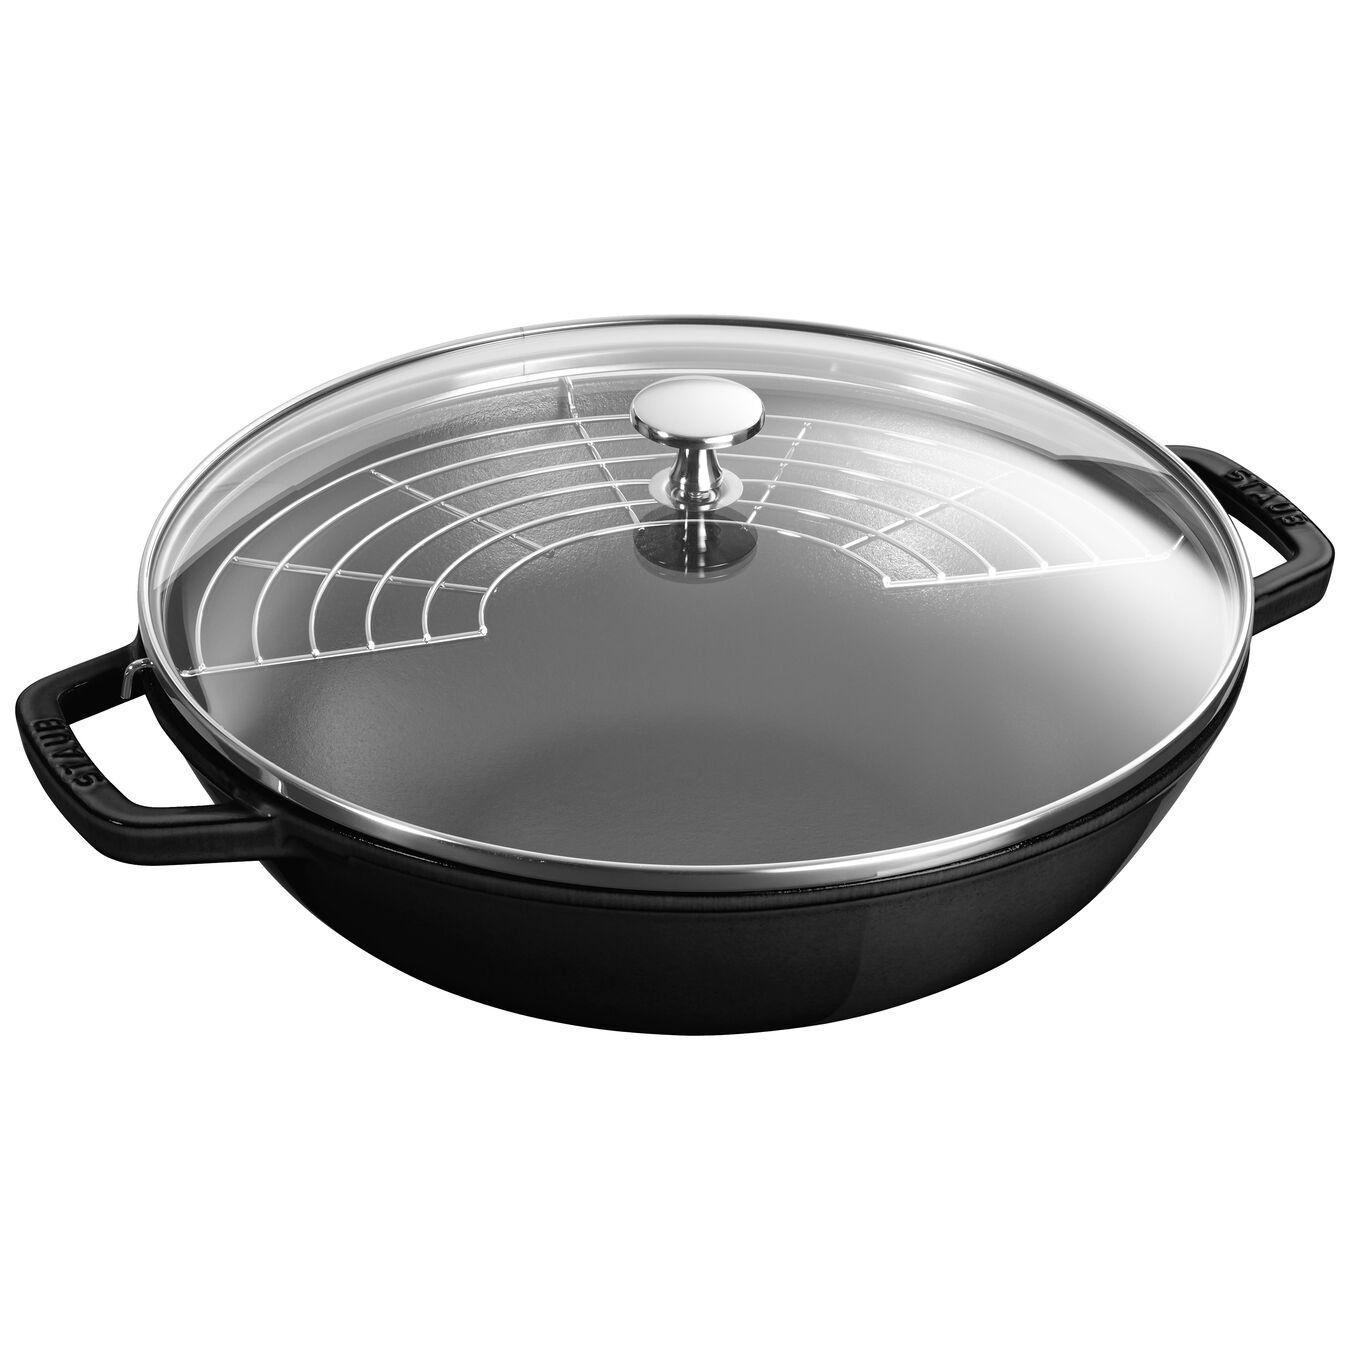 4.5-qt Perfect Pan - Shiny Black,,large 1